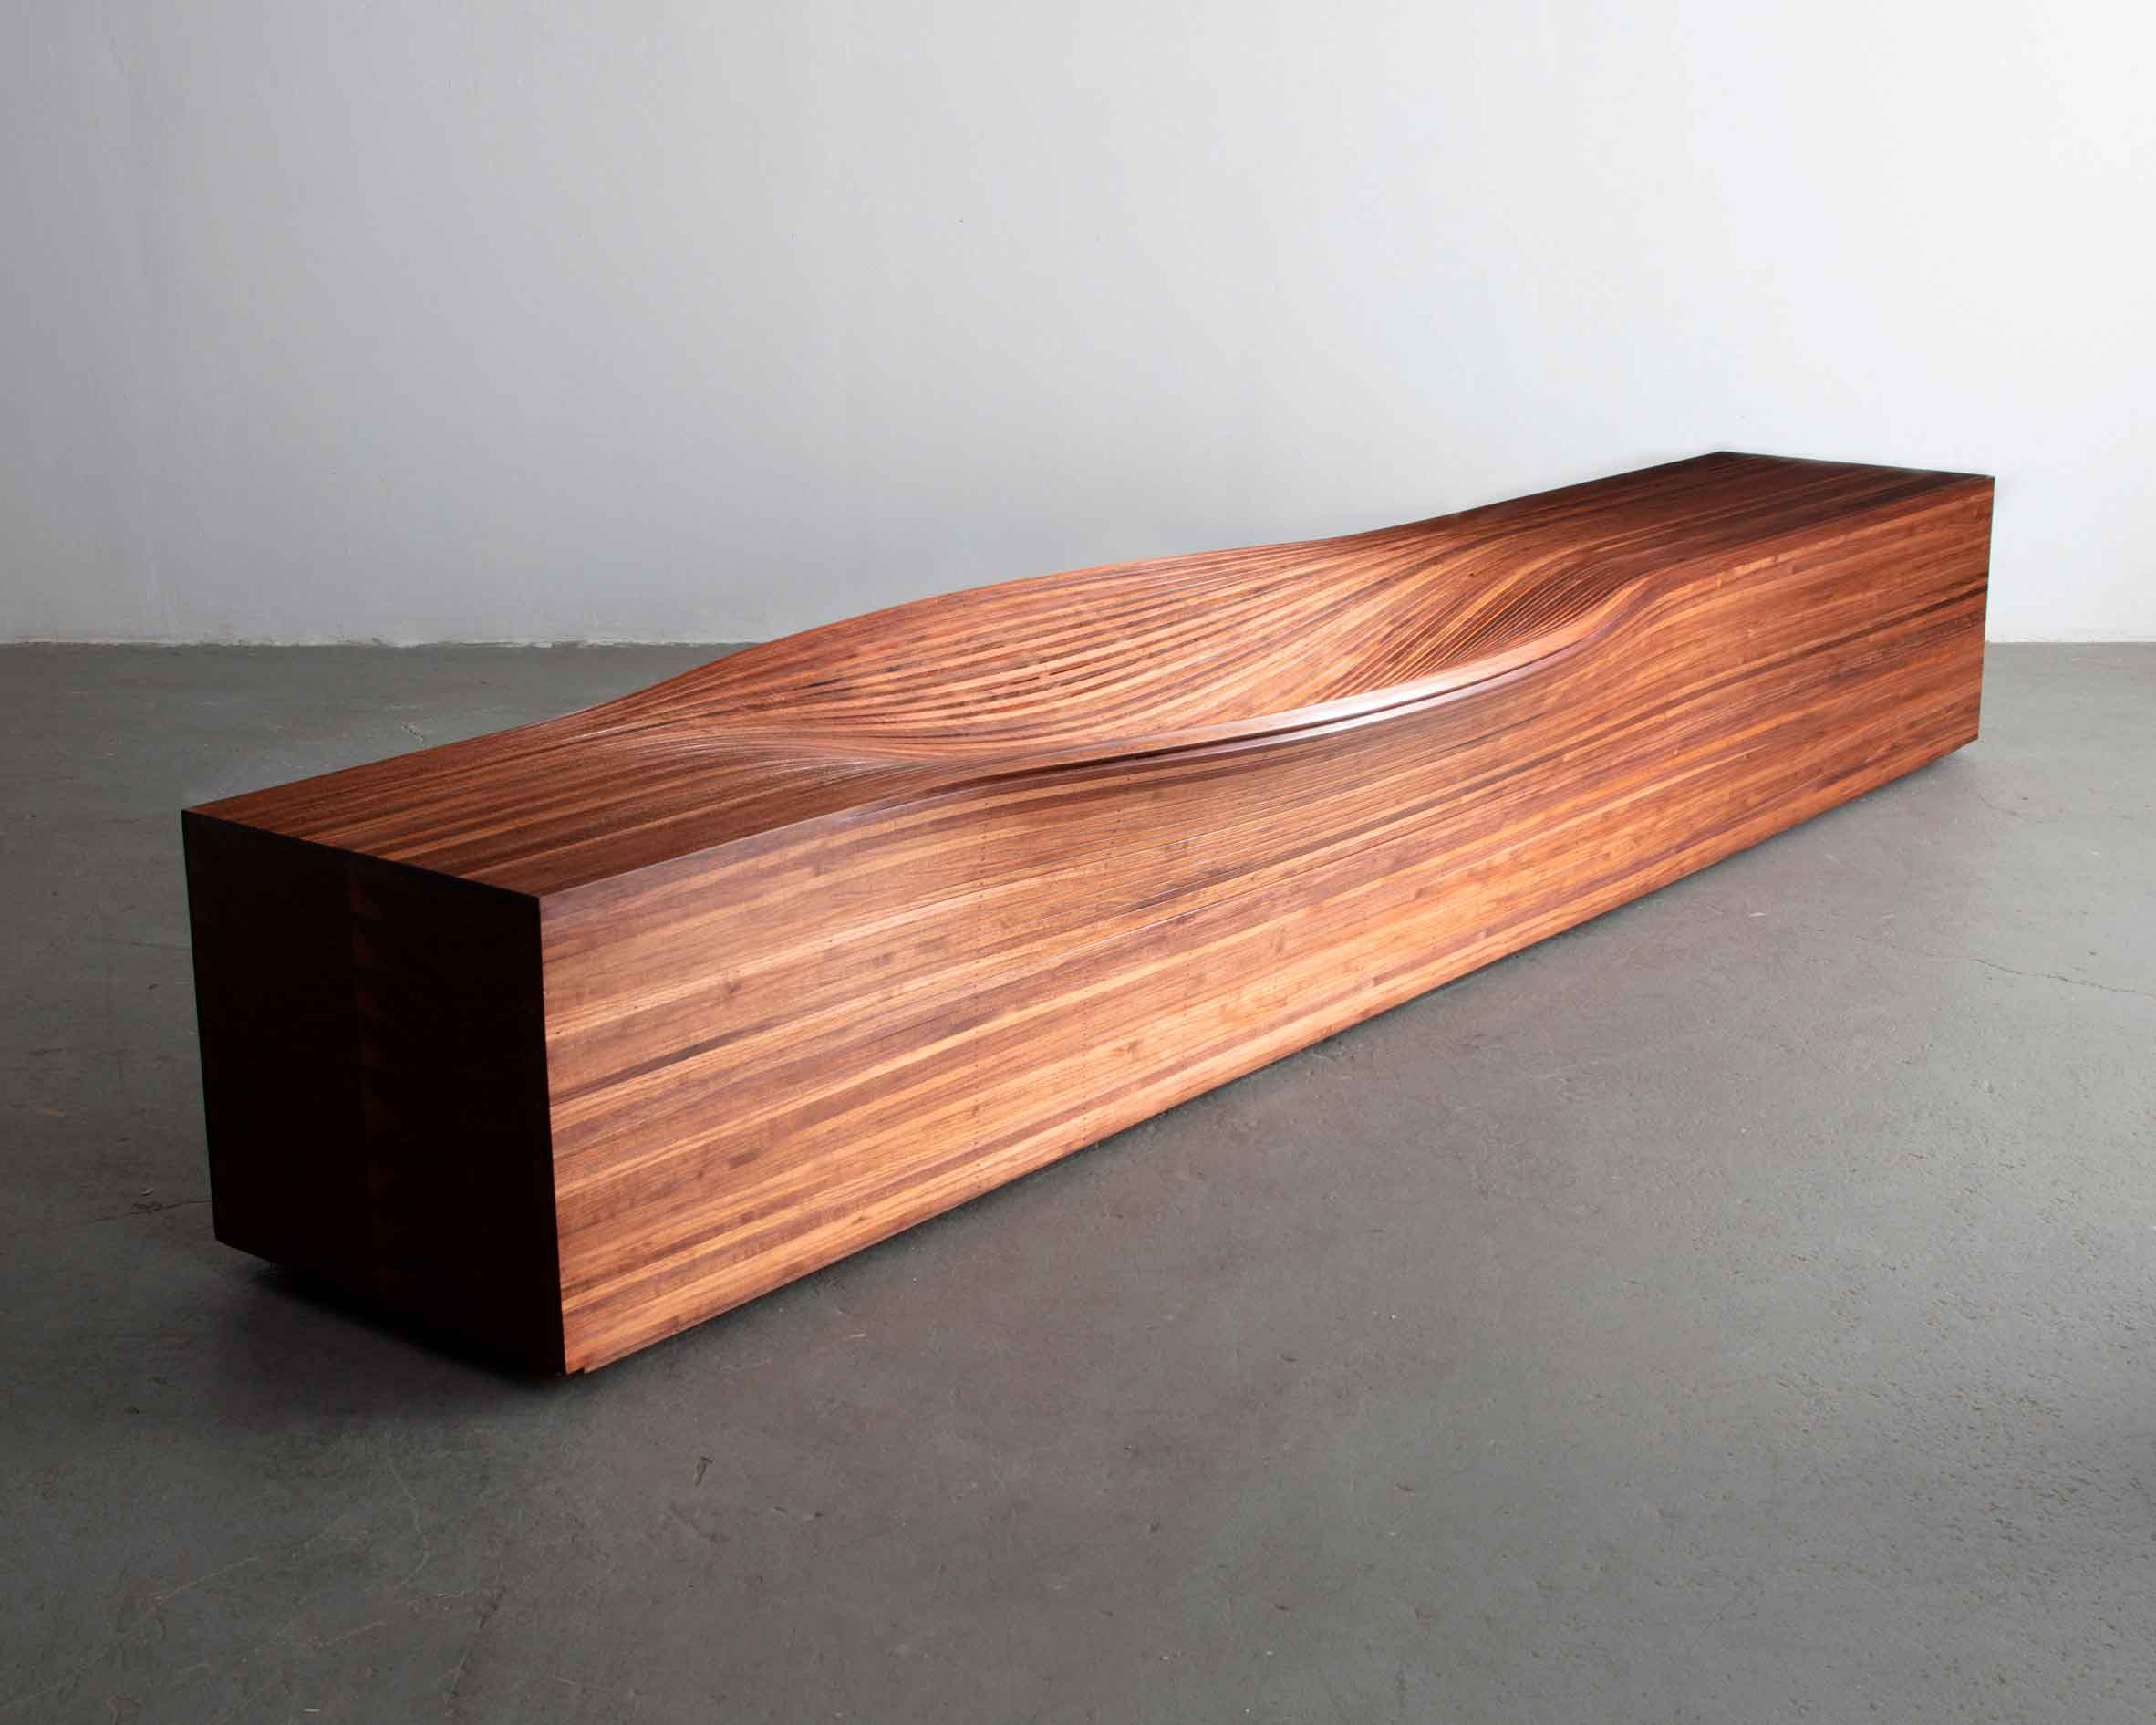 Необычная серия извилистой мебели на выставке в Нью-Йорке